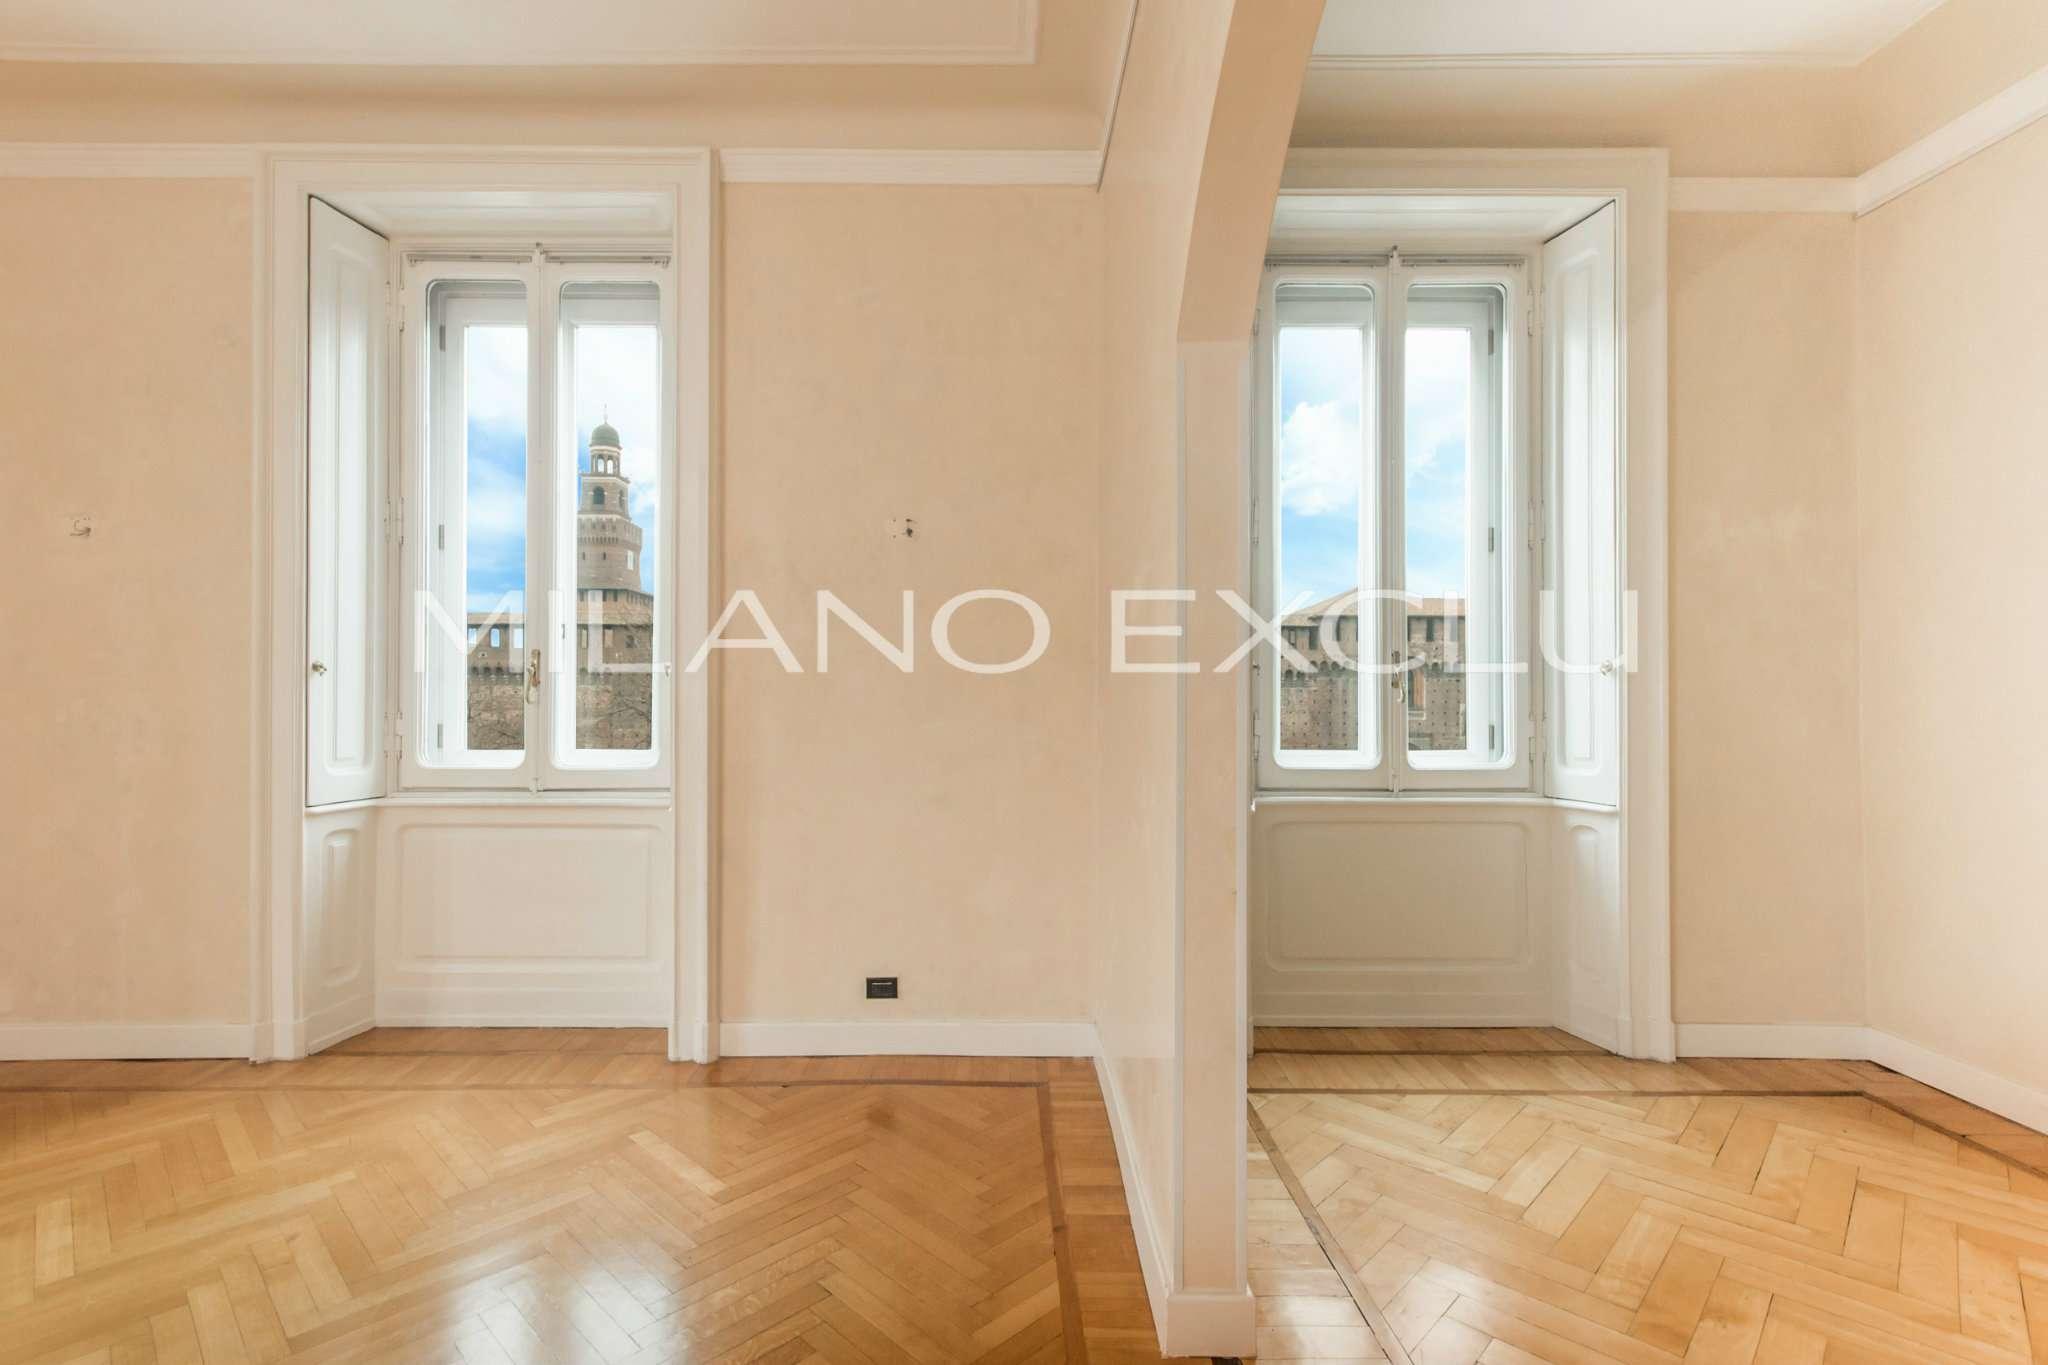 Appartamento in affitto a Milano, 6 locali, zona Zona: 1 . Centro Storico, Duomo, Brera, Cadorna, Cattolica, prezzo € 5.300 | Cambio Casa.it